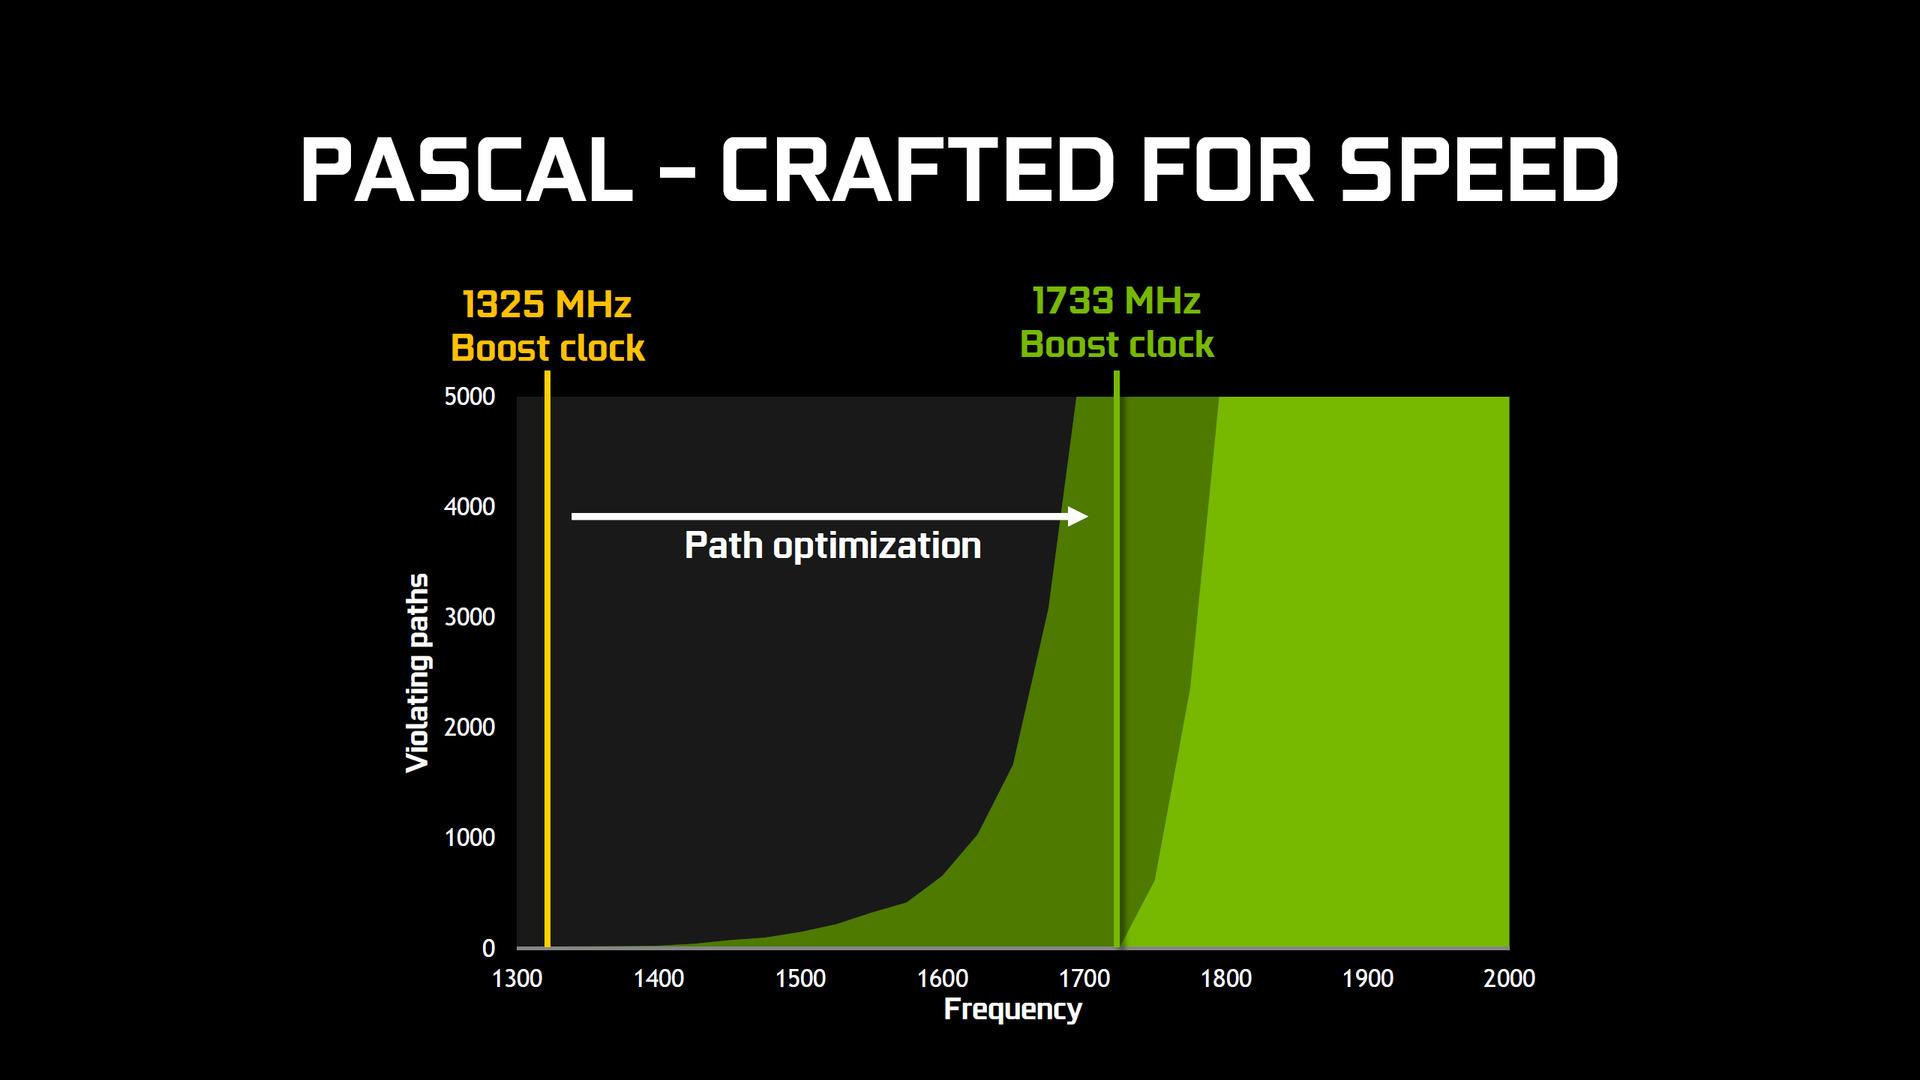 回路設計の改良で動作クロックが大幅に向上